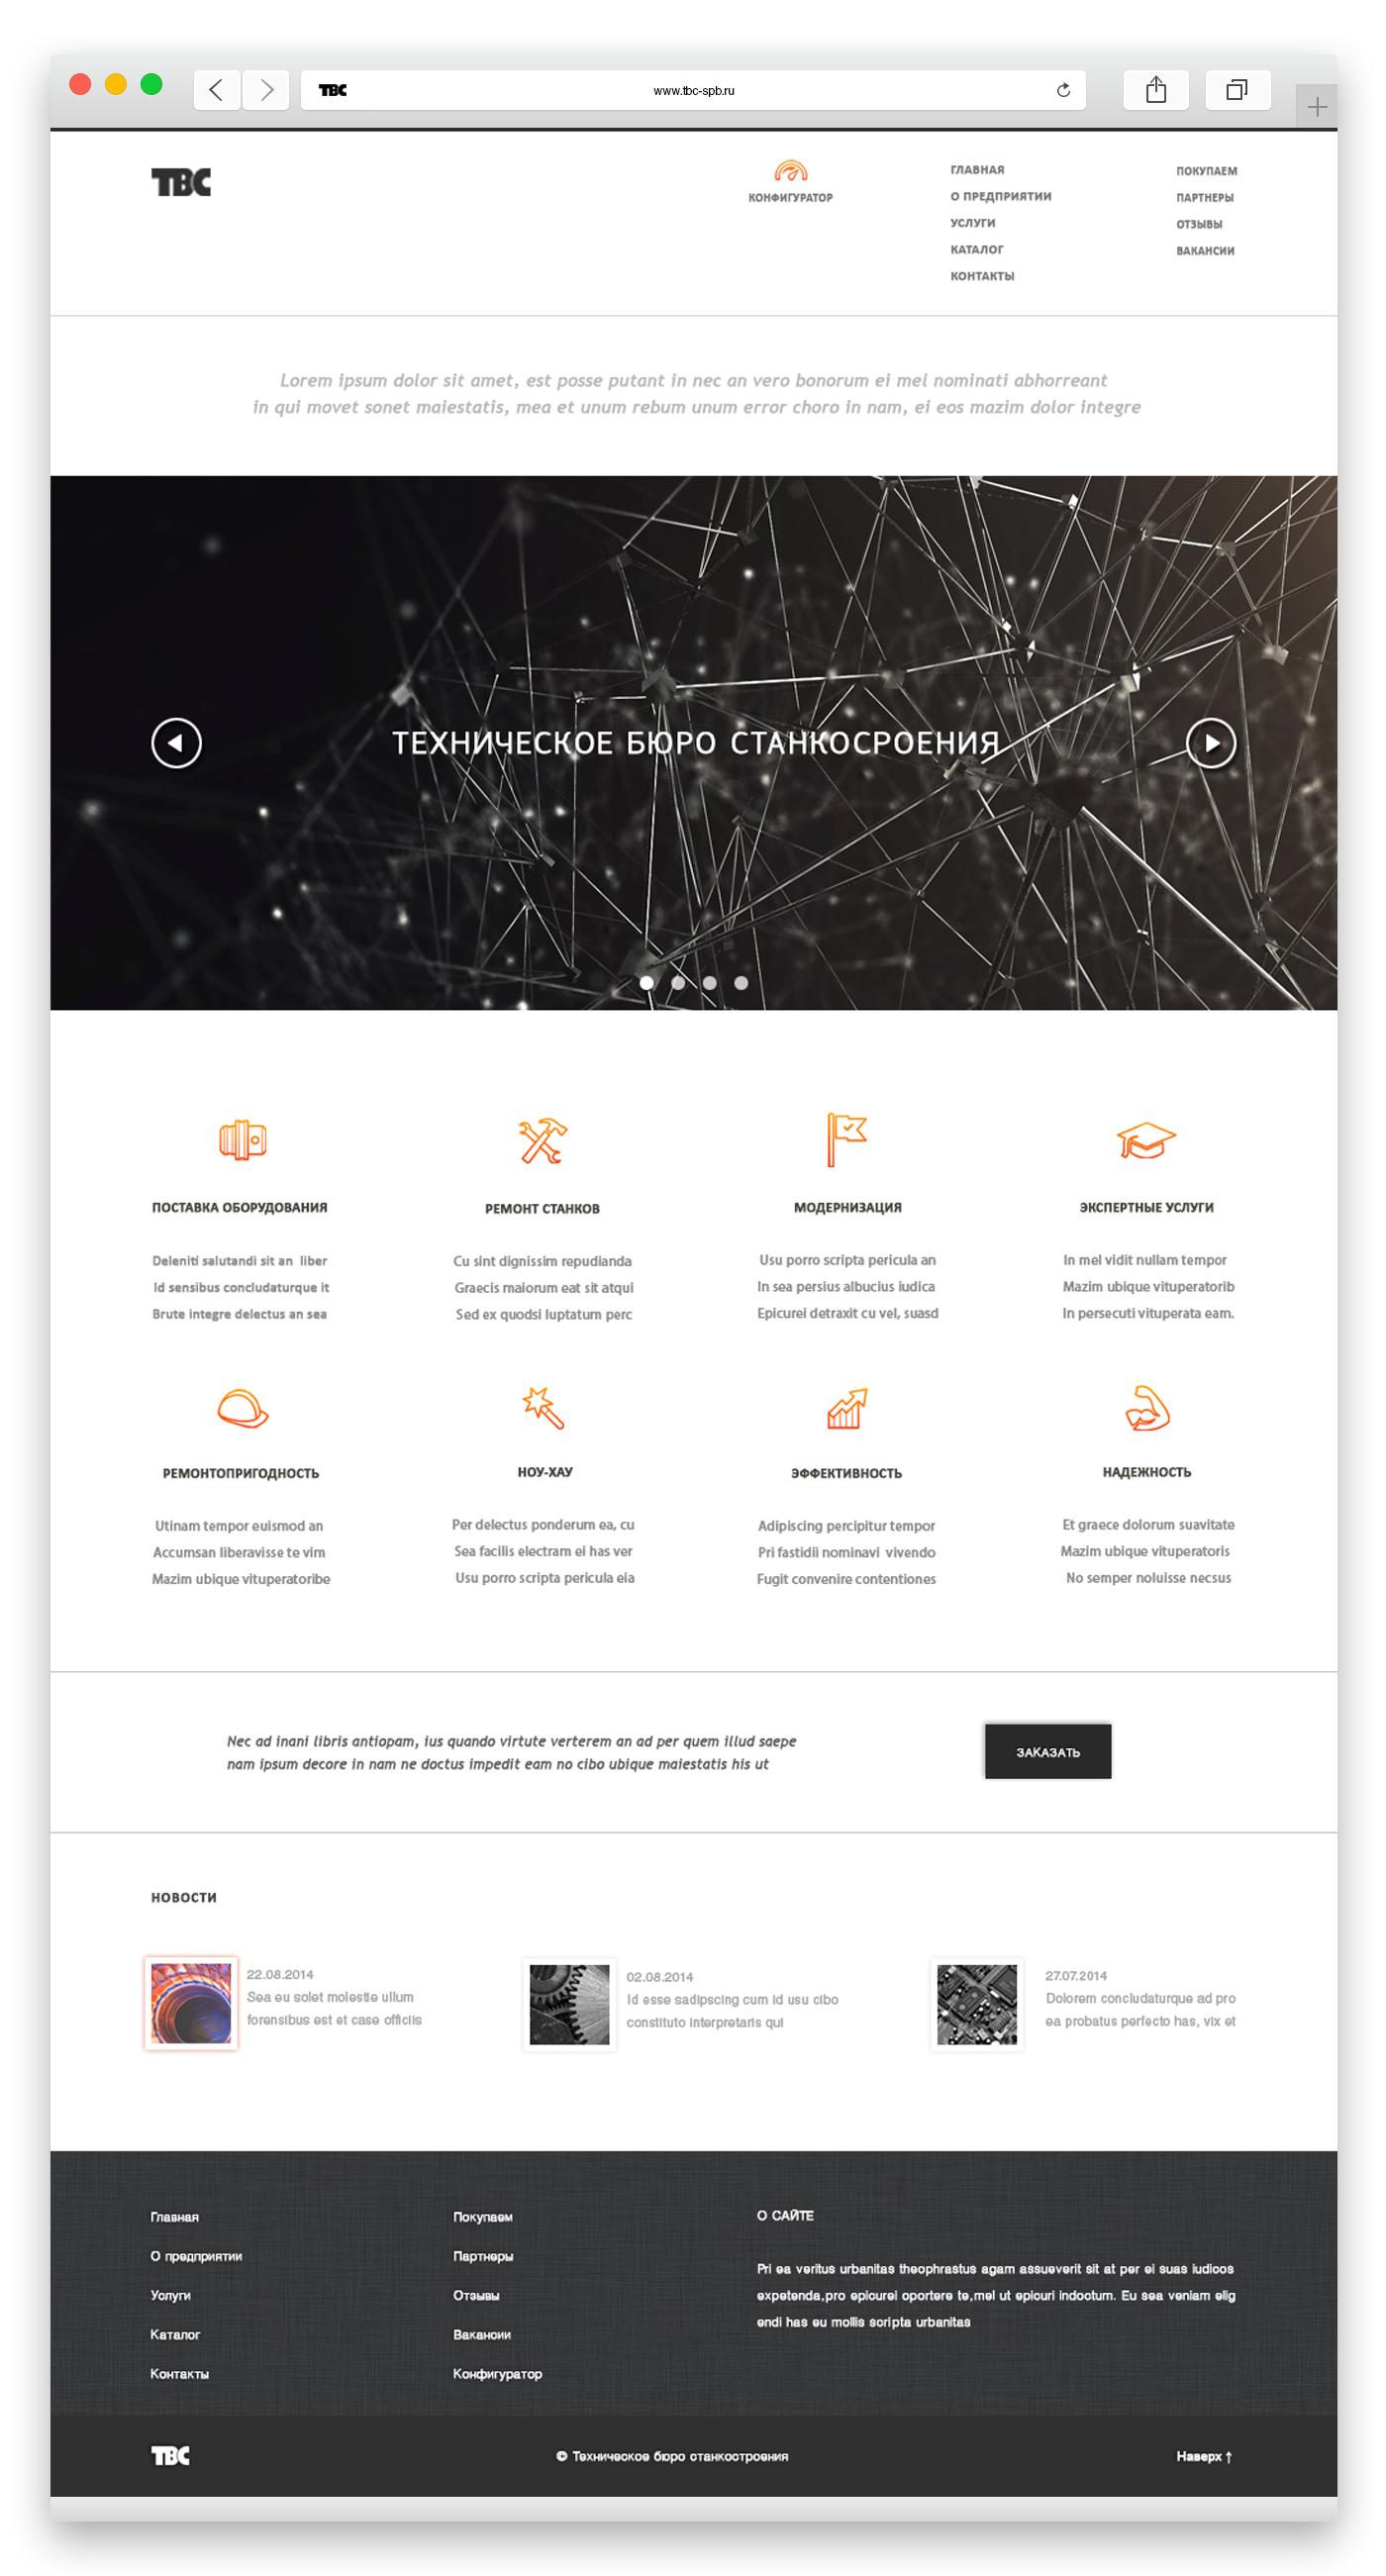 Сайт Технического бюро станкостроения